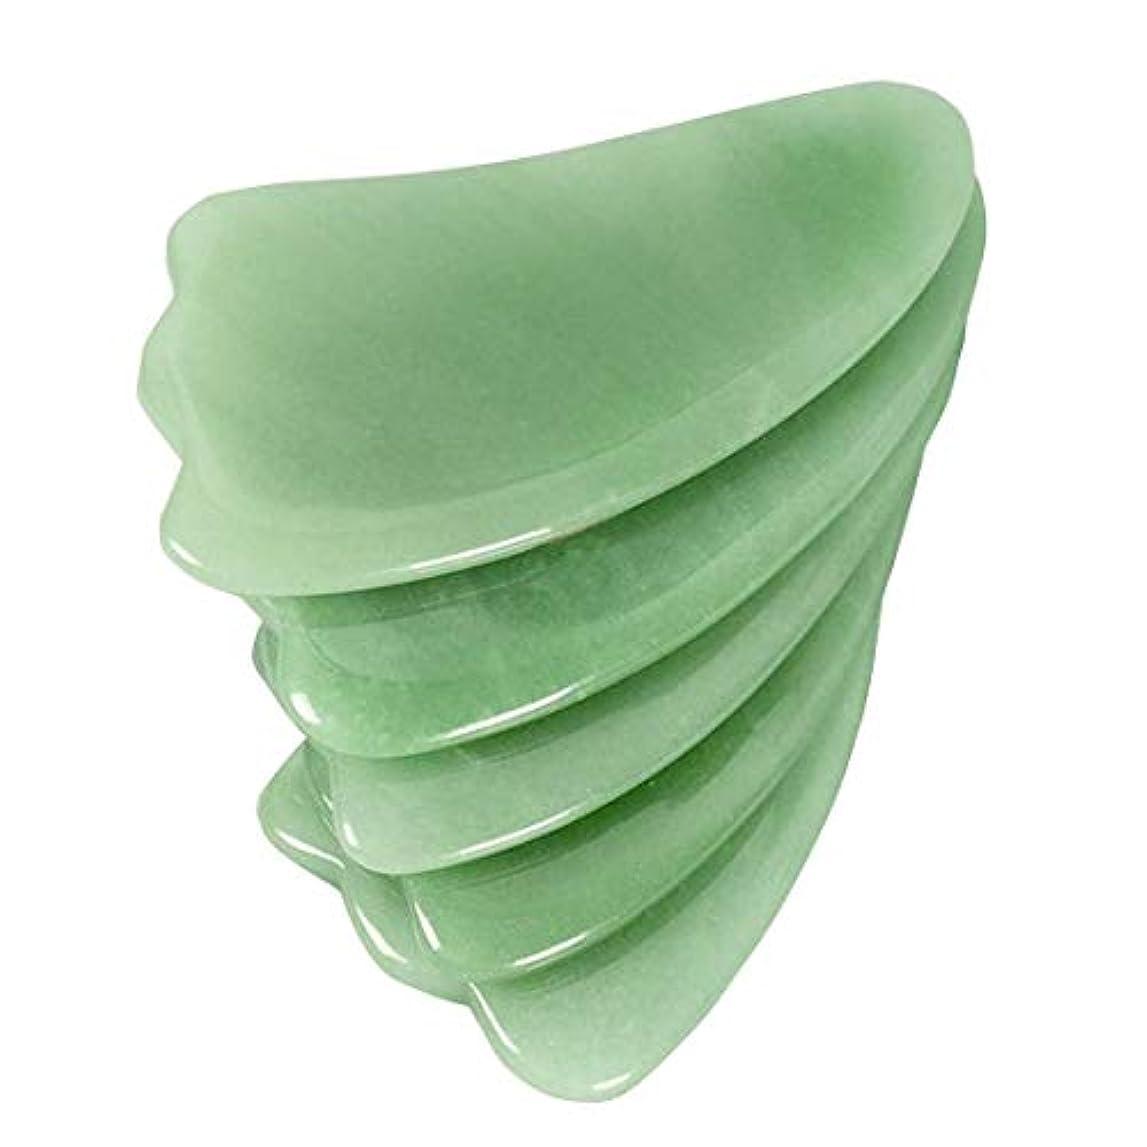 天然緑アベンチュリン かっさプレート カッサリフトプレート カッサボード カッサマッサージ道具